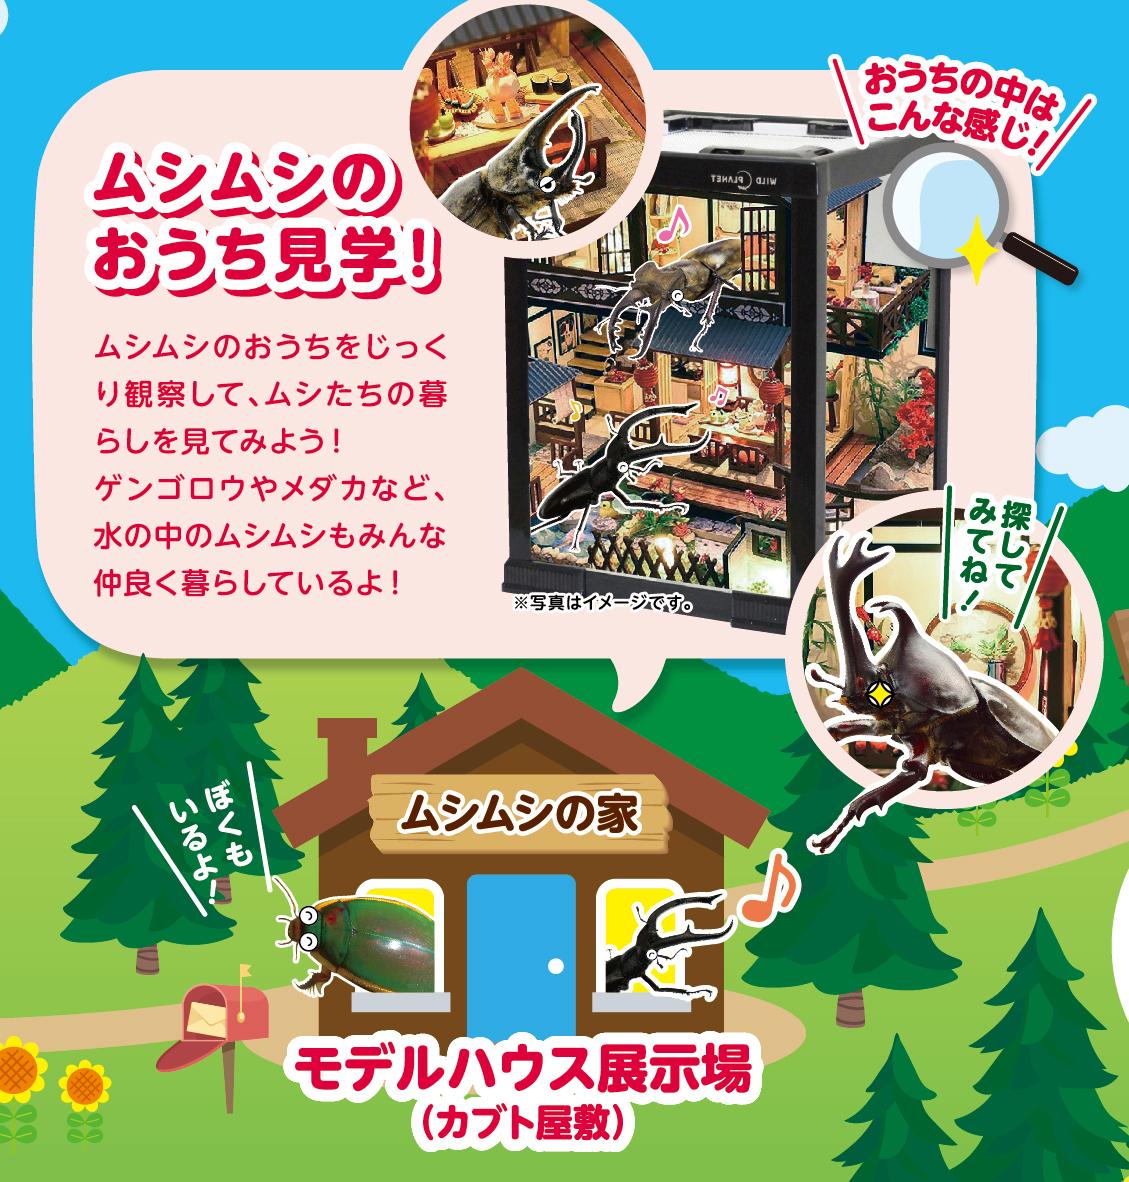 あつまれムシムシの森イメージ4